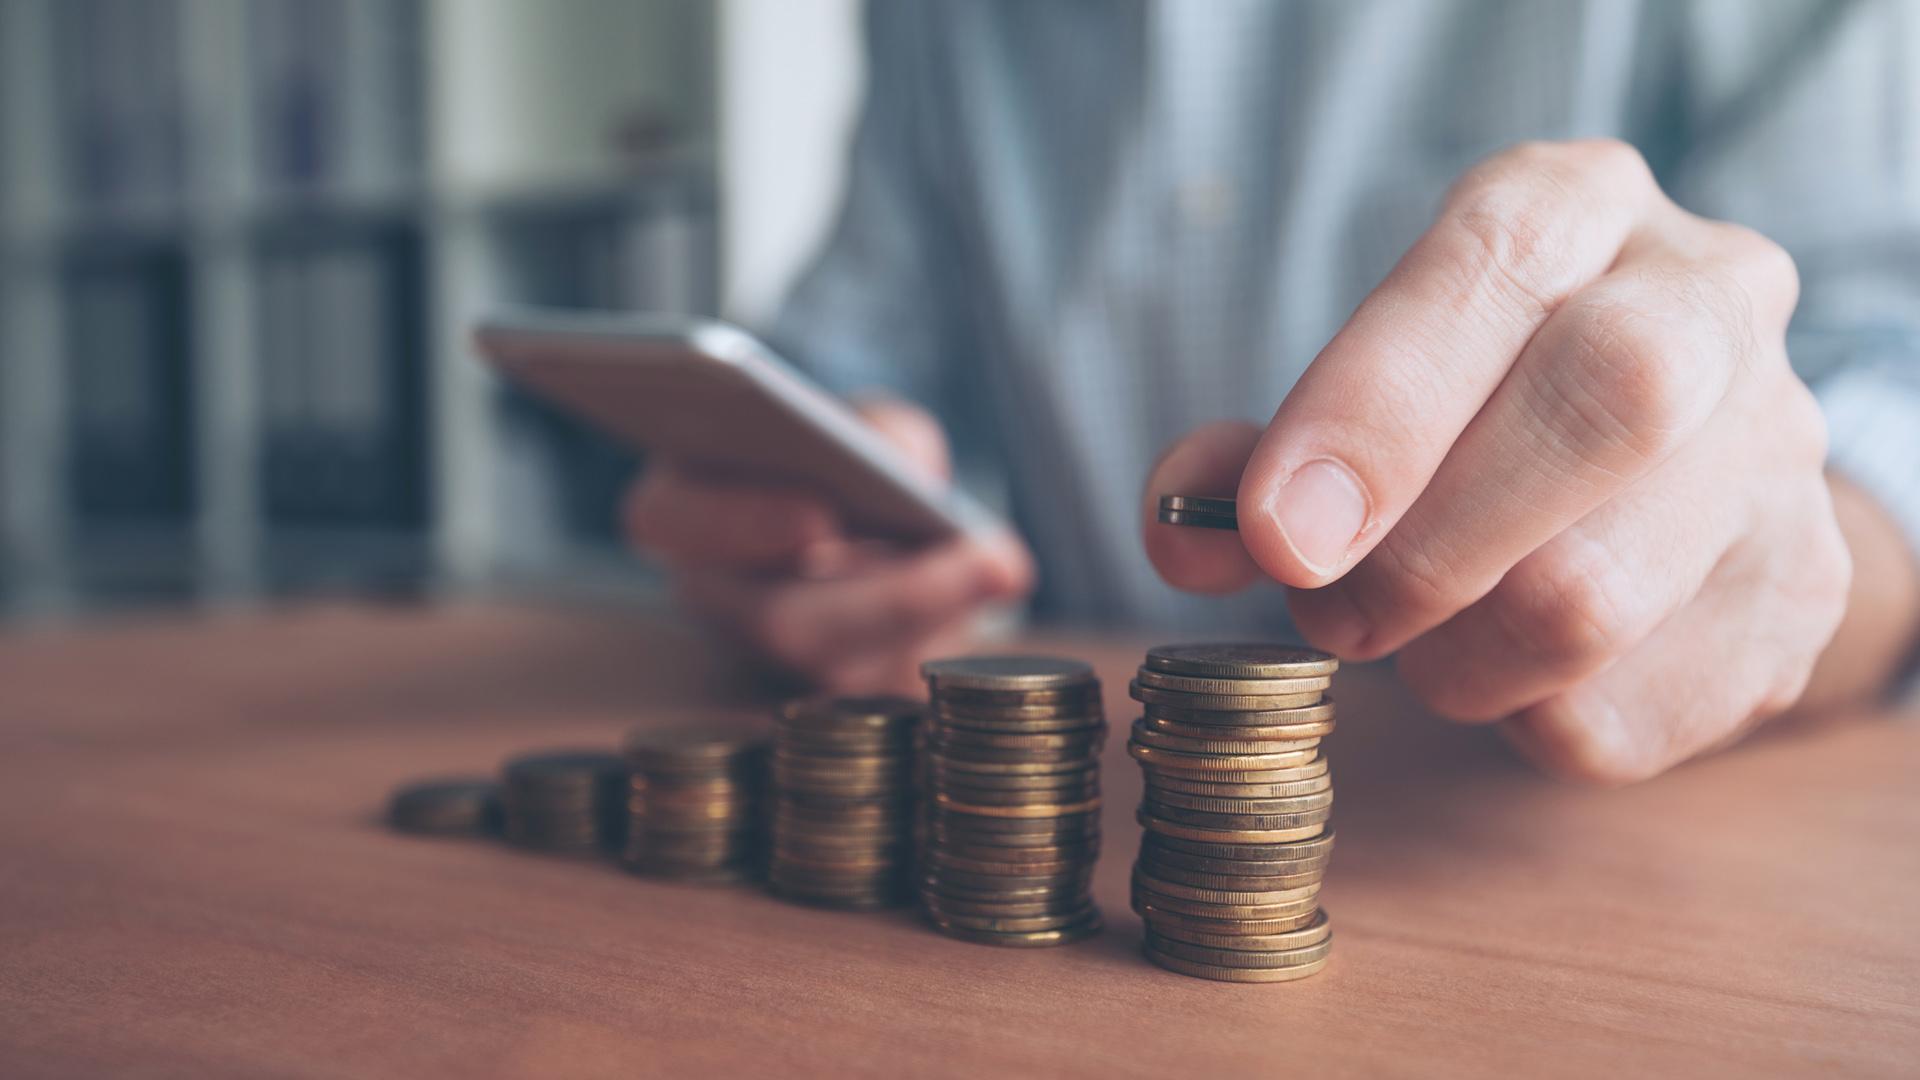 ФОП фізична особа підприємець податок податки податкова фінанси економіка